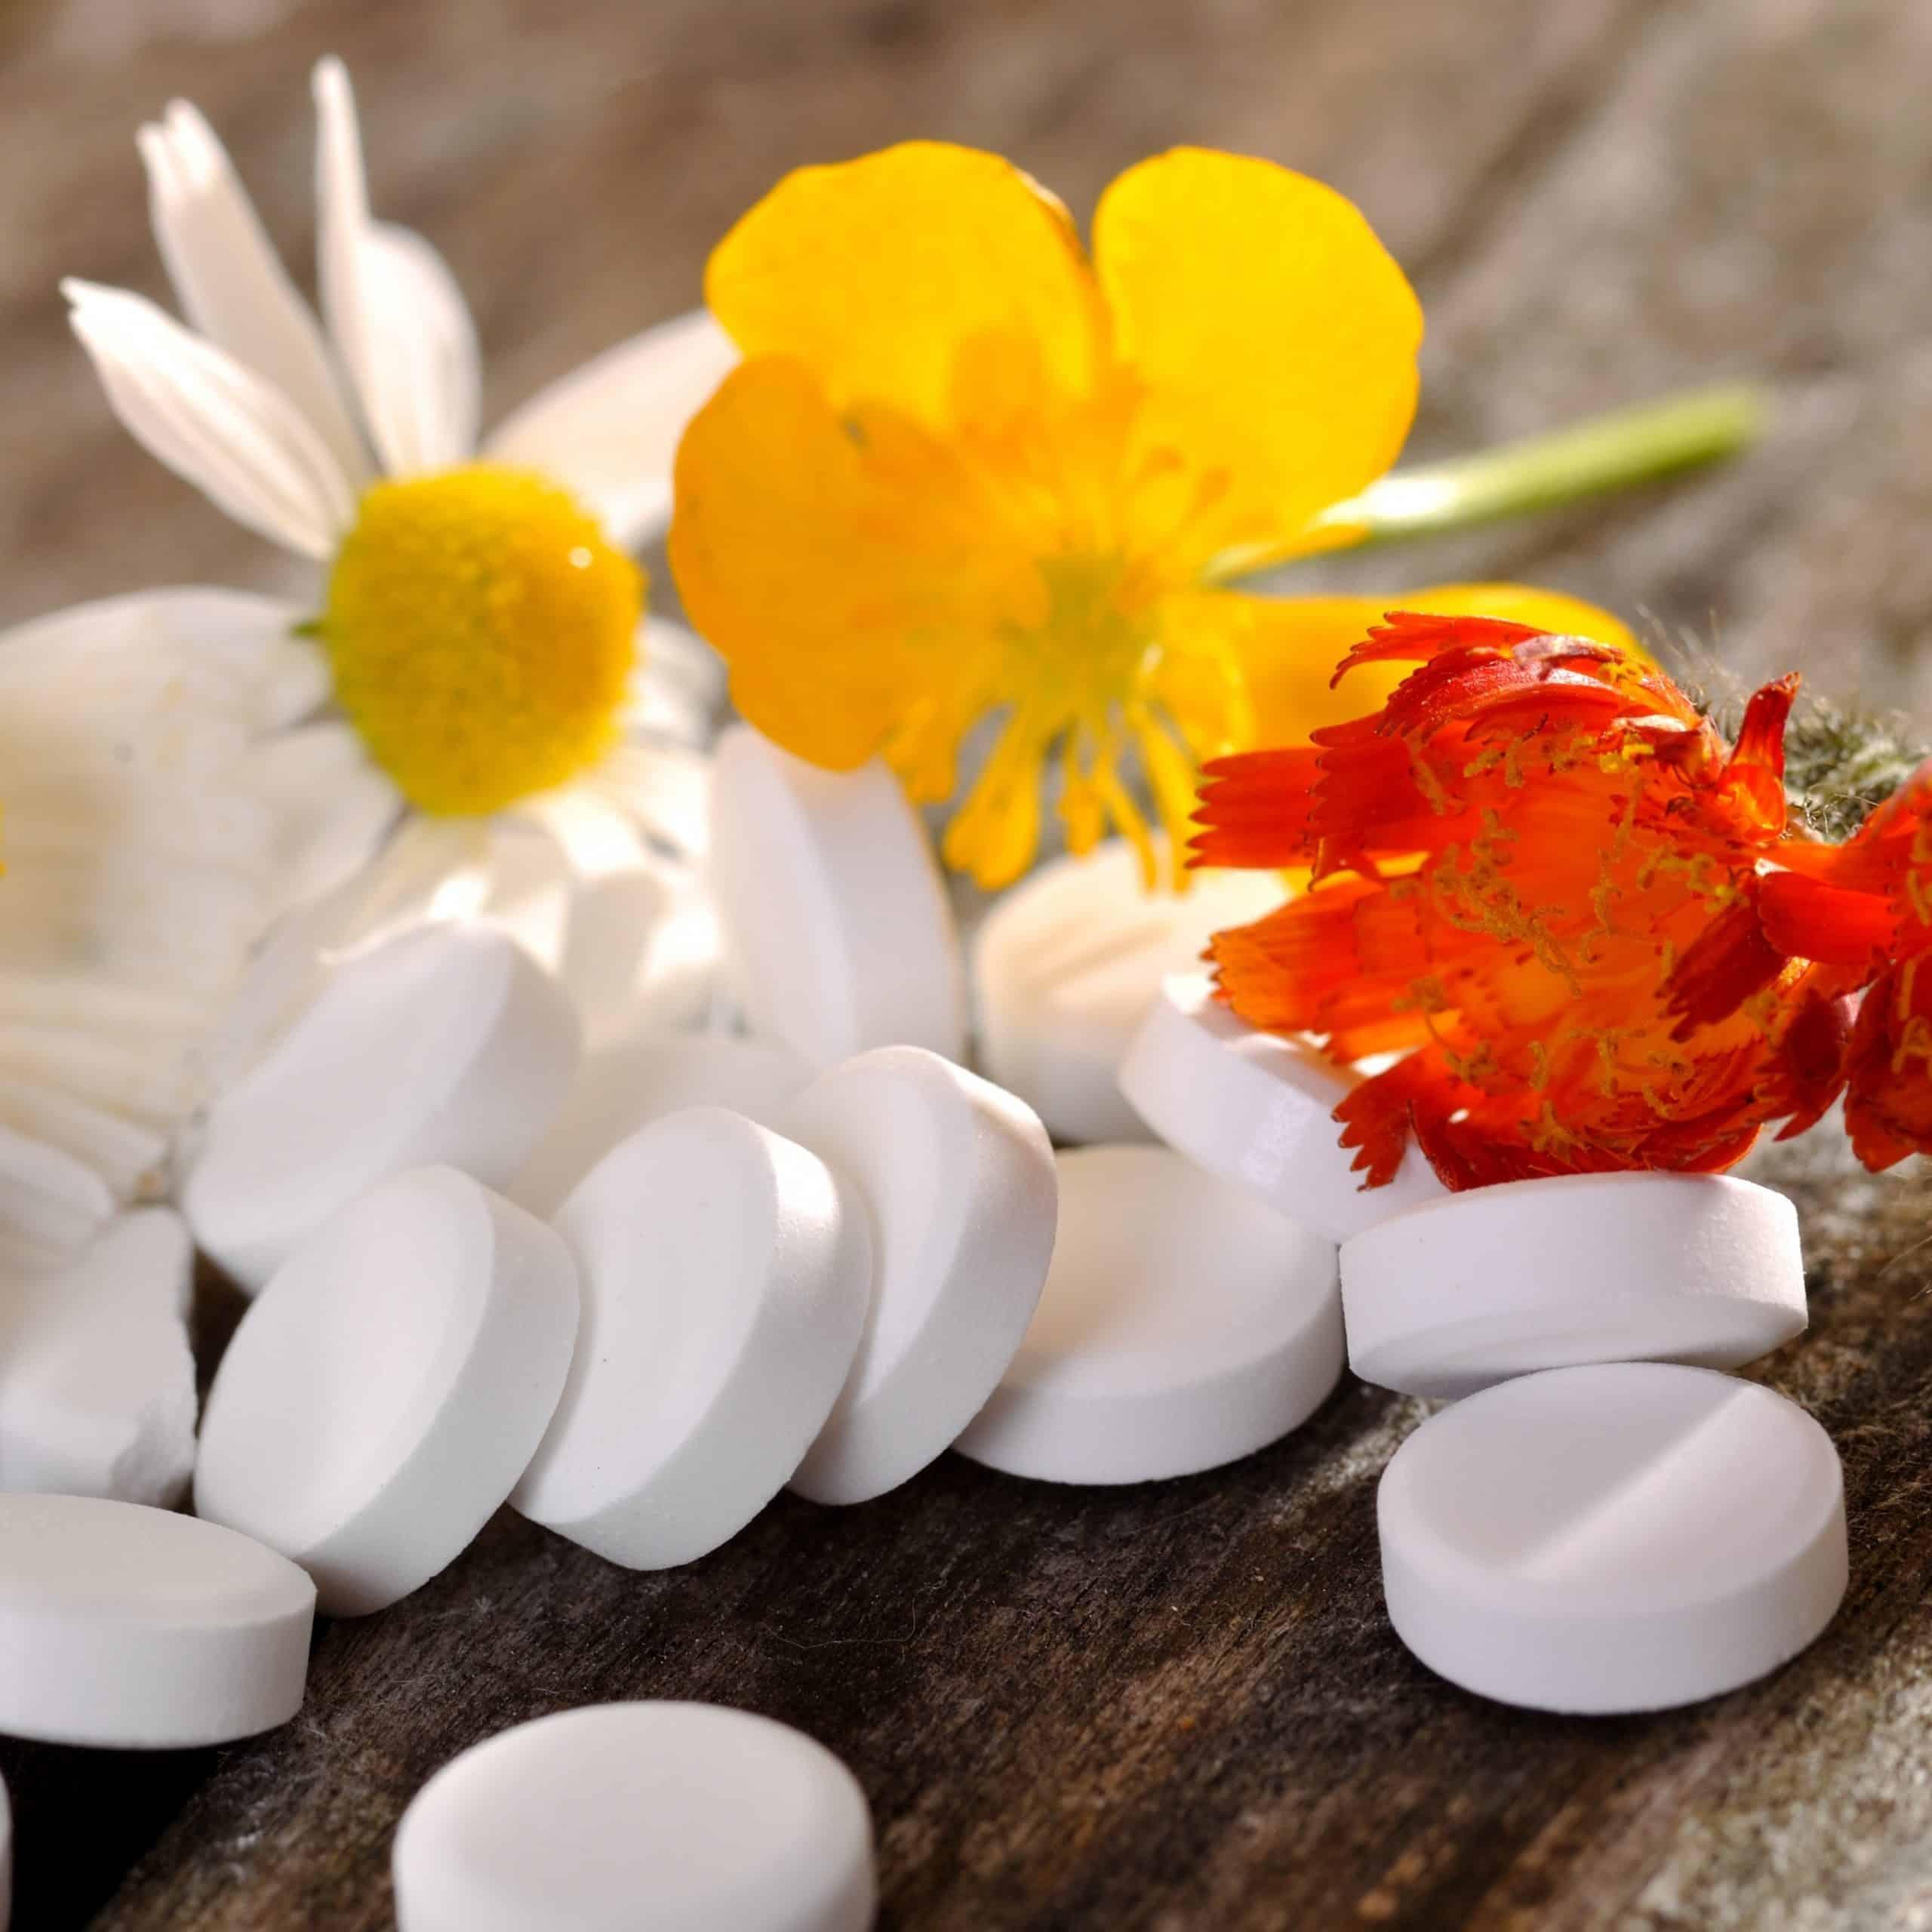 Besonders bei gesundheitsbewussten Menschen, die gerne aktiv etwas für sich und ihren Körper tun, ist die Schüßler-Therapie sehr beliebt.